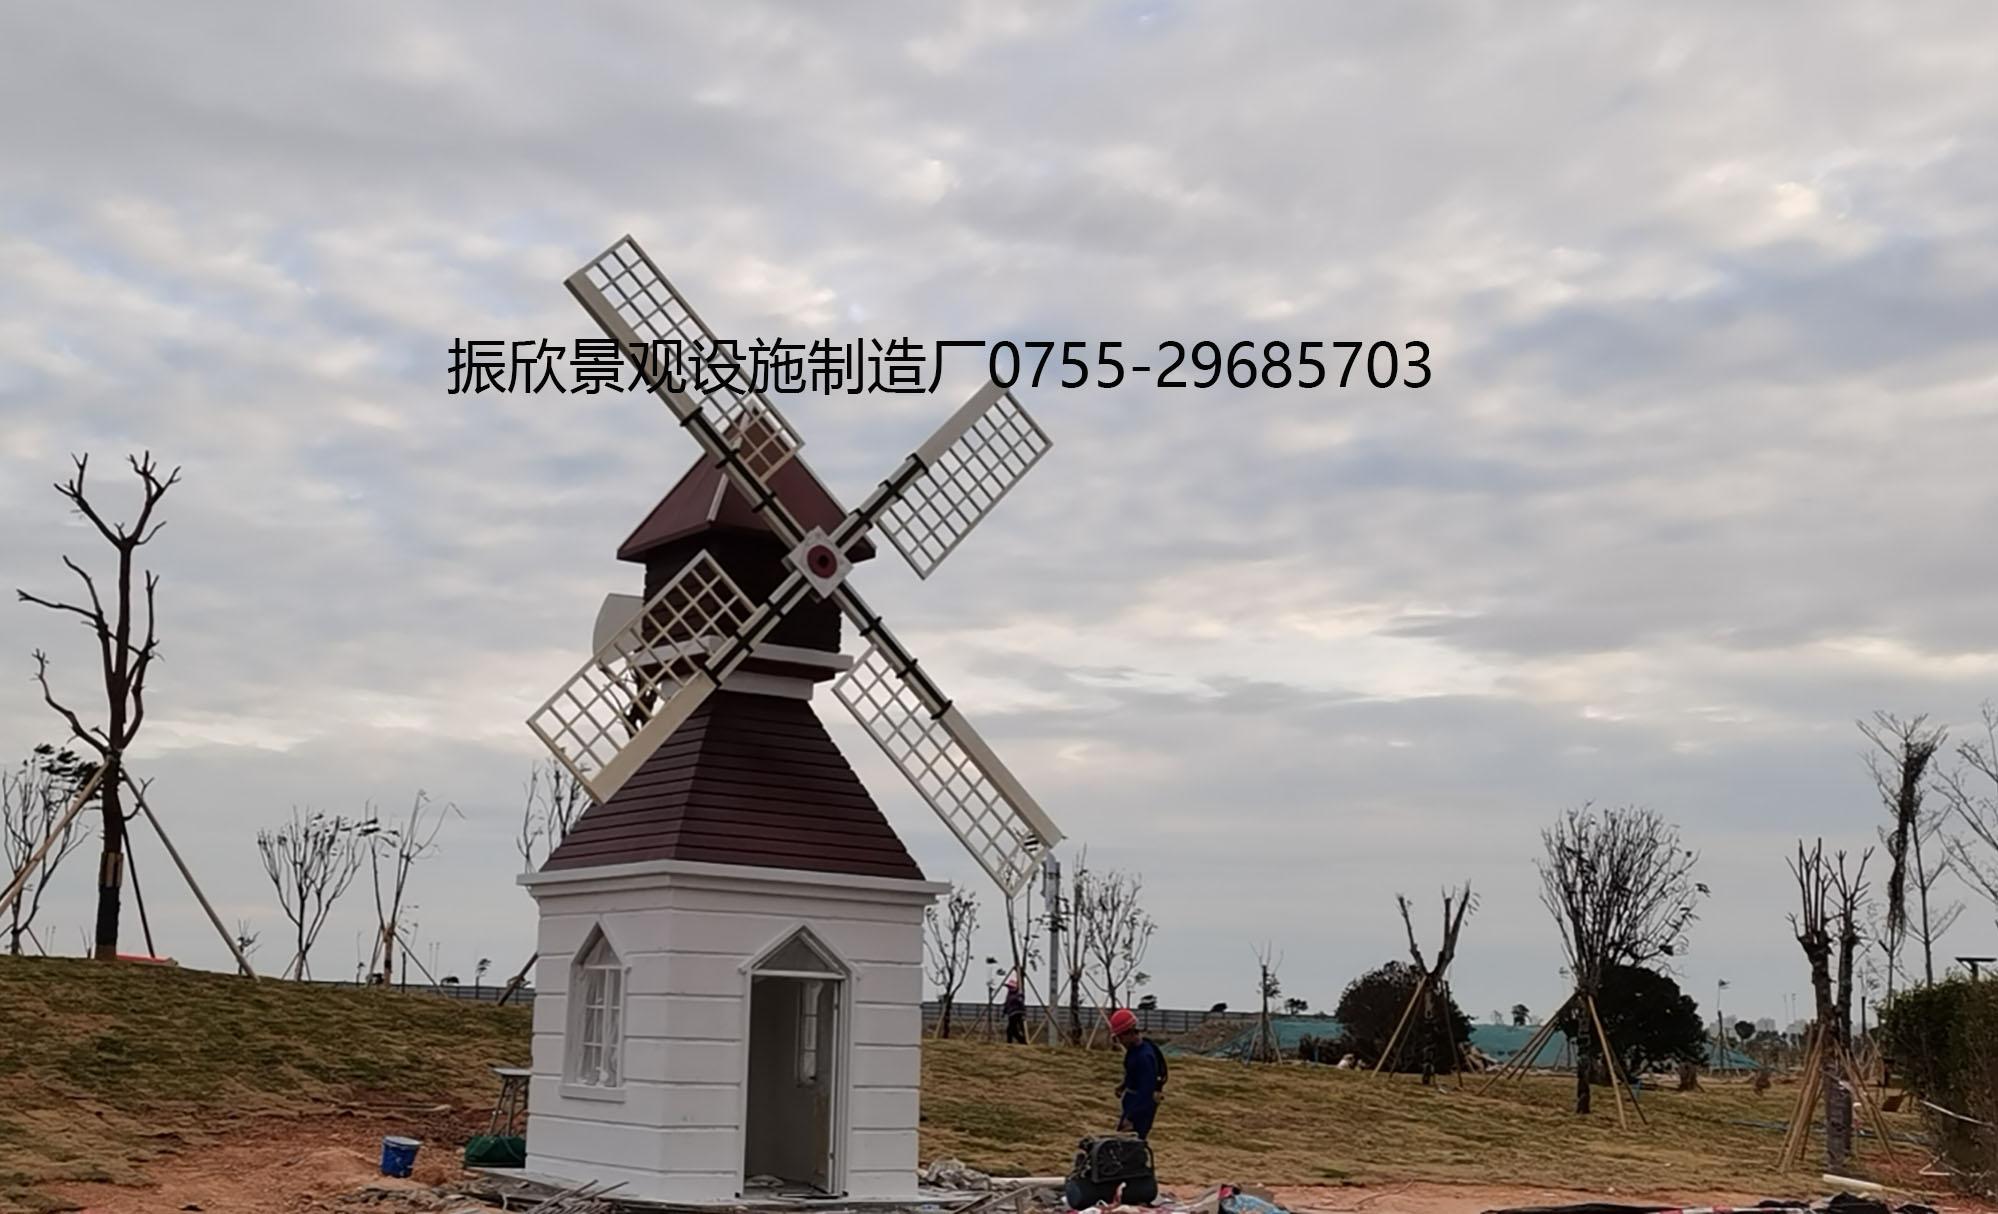 東海岸津灣公園特色趣味風車房(fang)12生辰塔(ta)